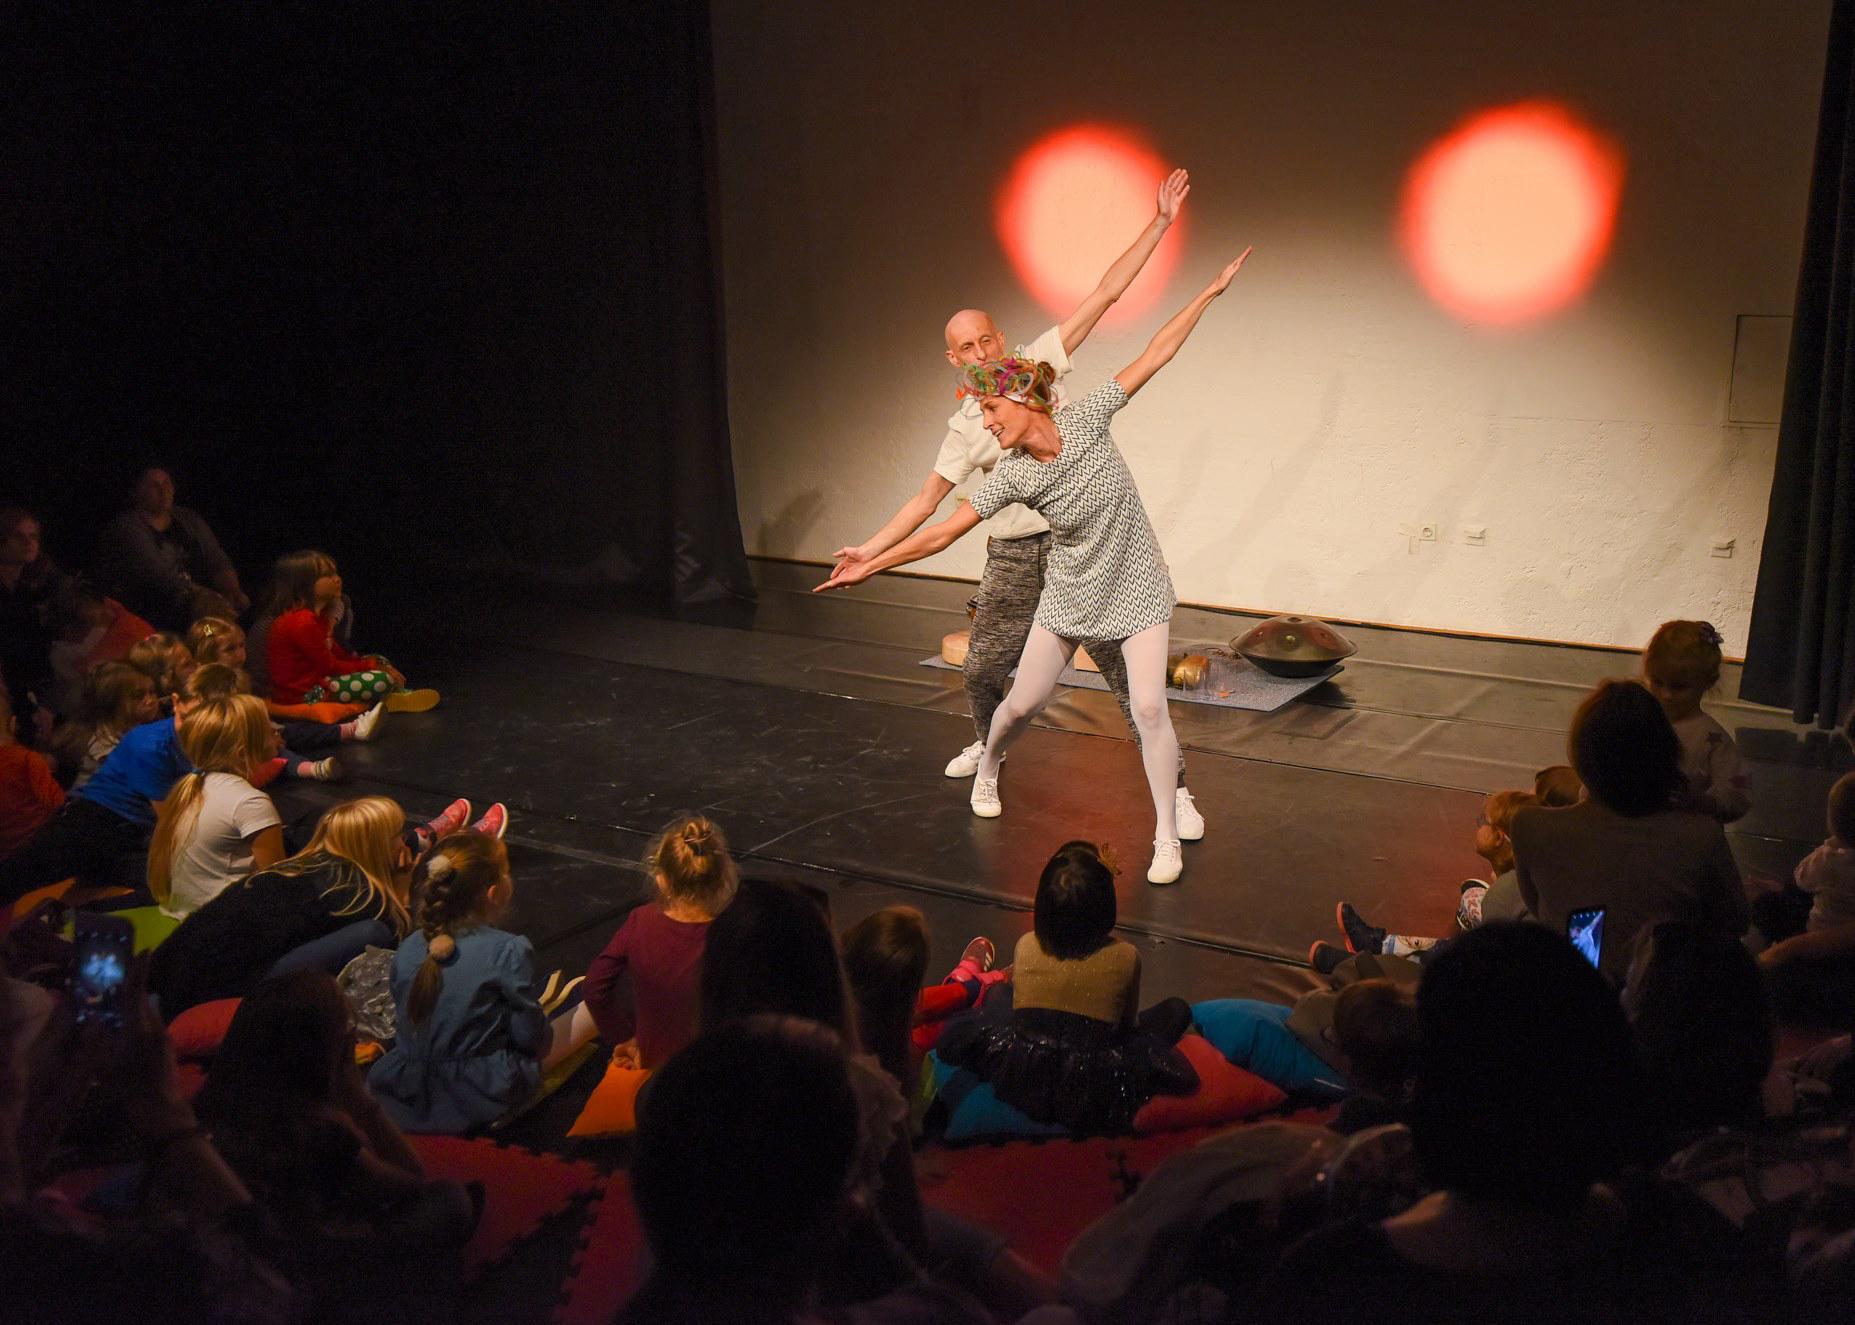 Dječji festival plesa Kliker – prvi potez prema uvođenju plesa kao predmeta u škole